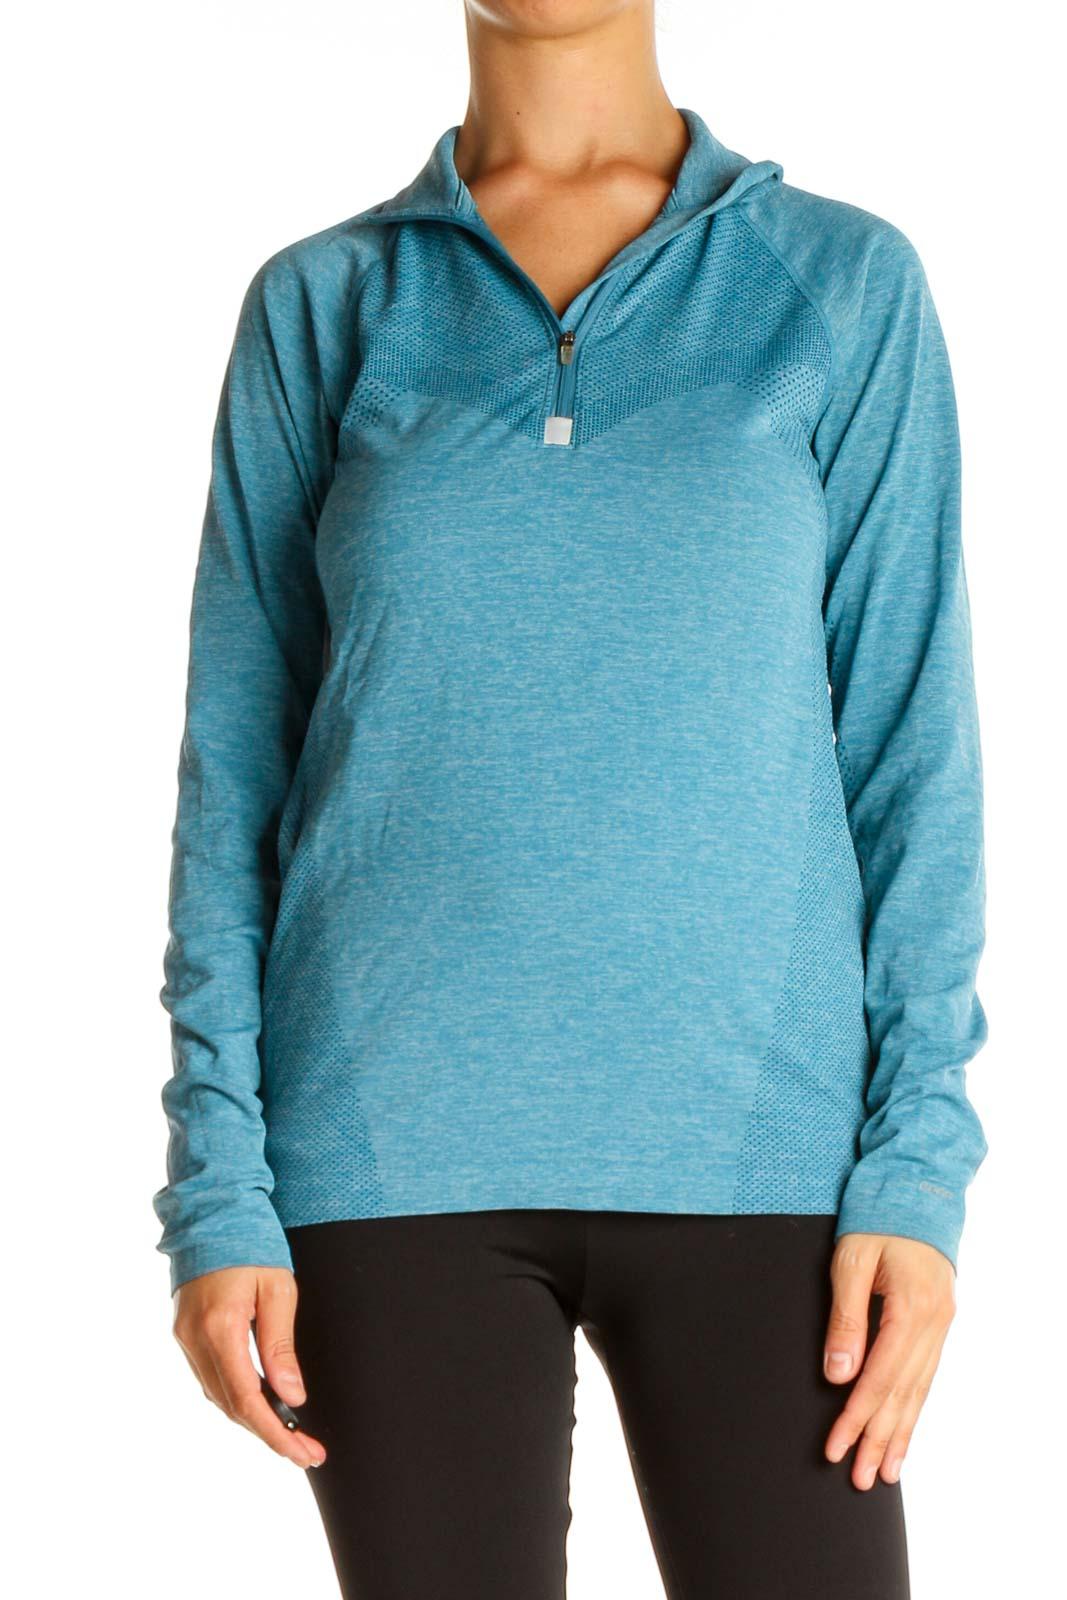 Blue Activewear Sweatshirt Front